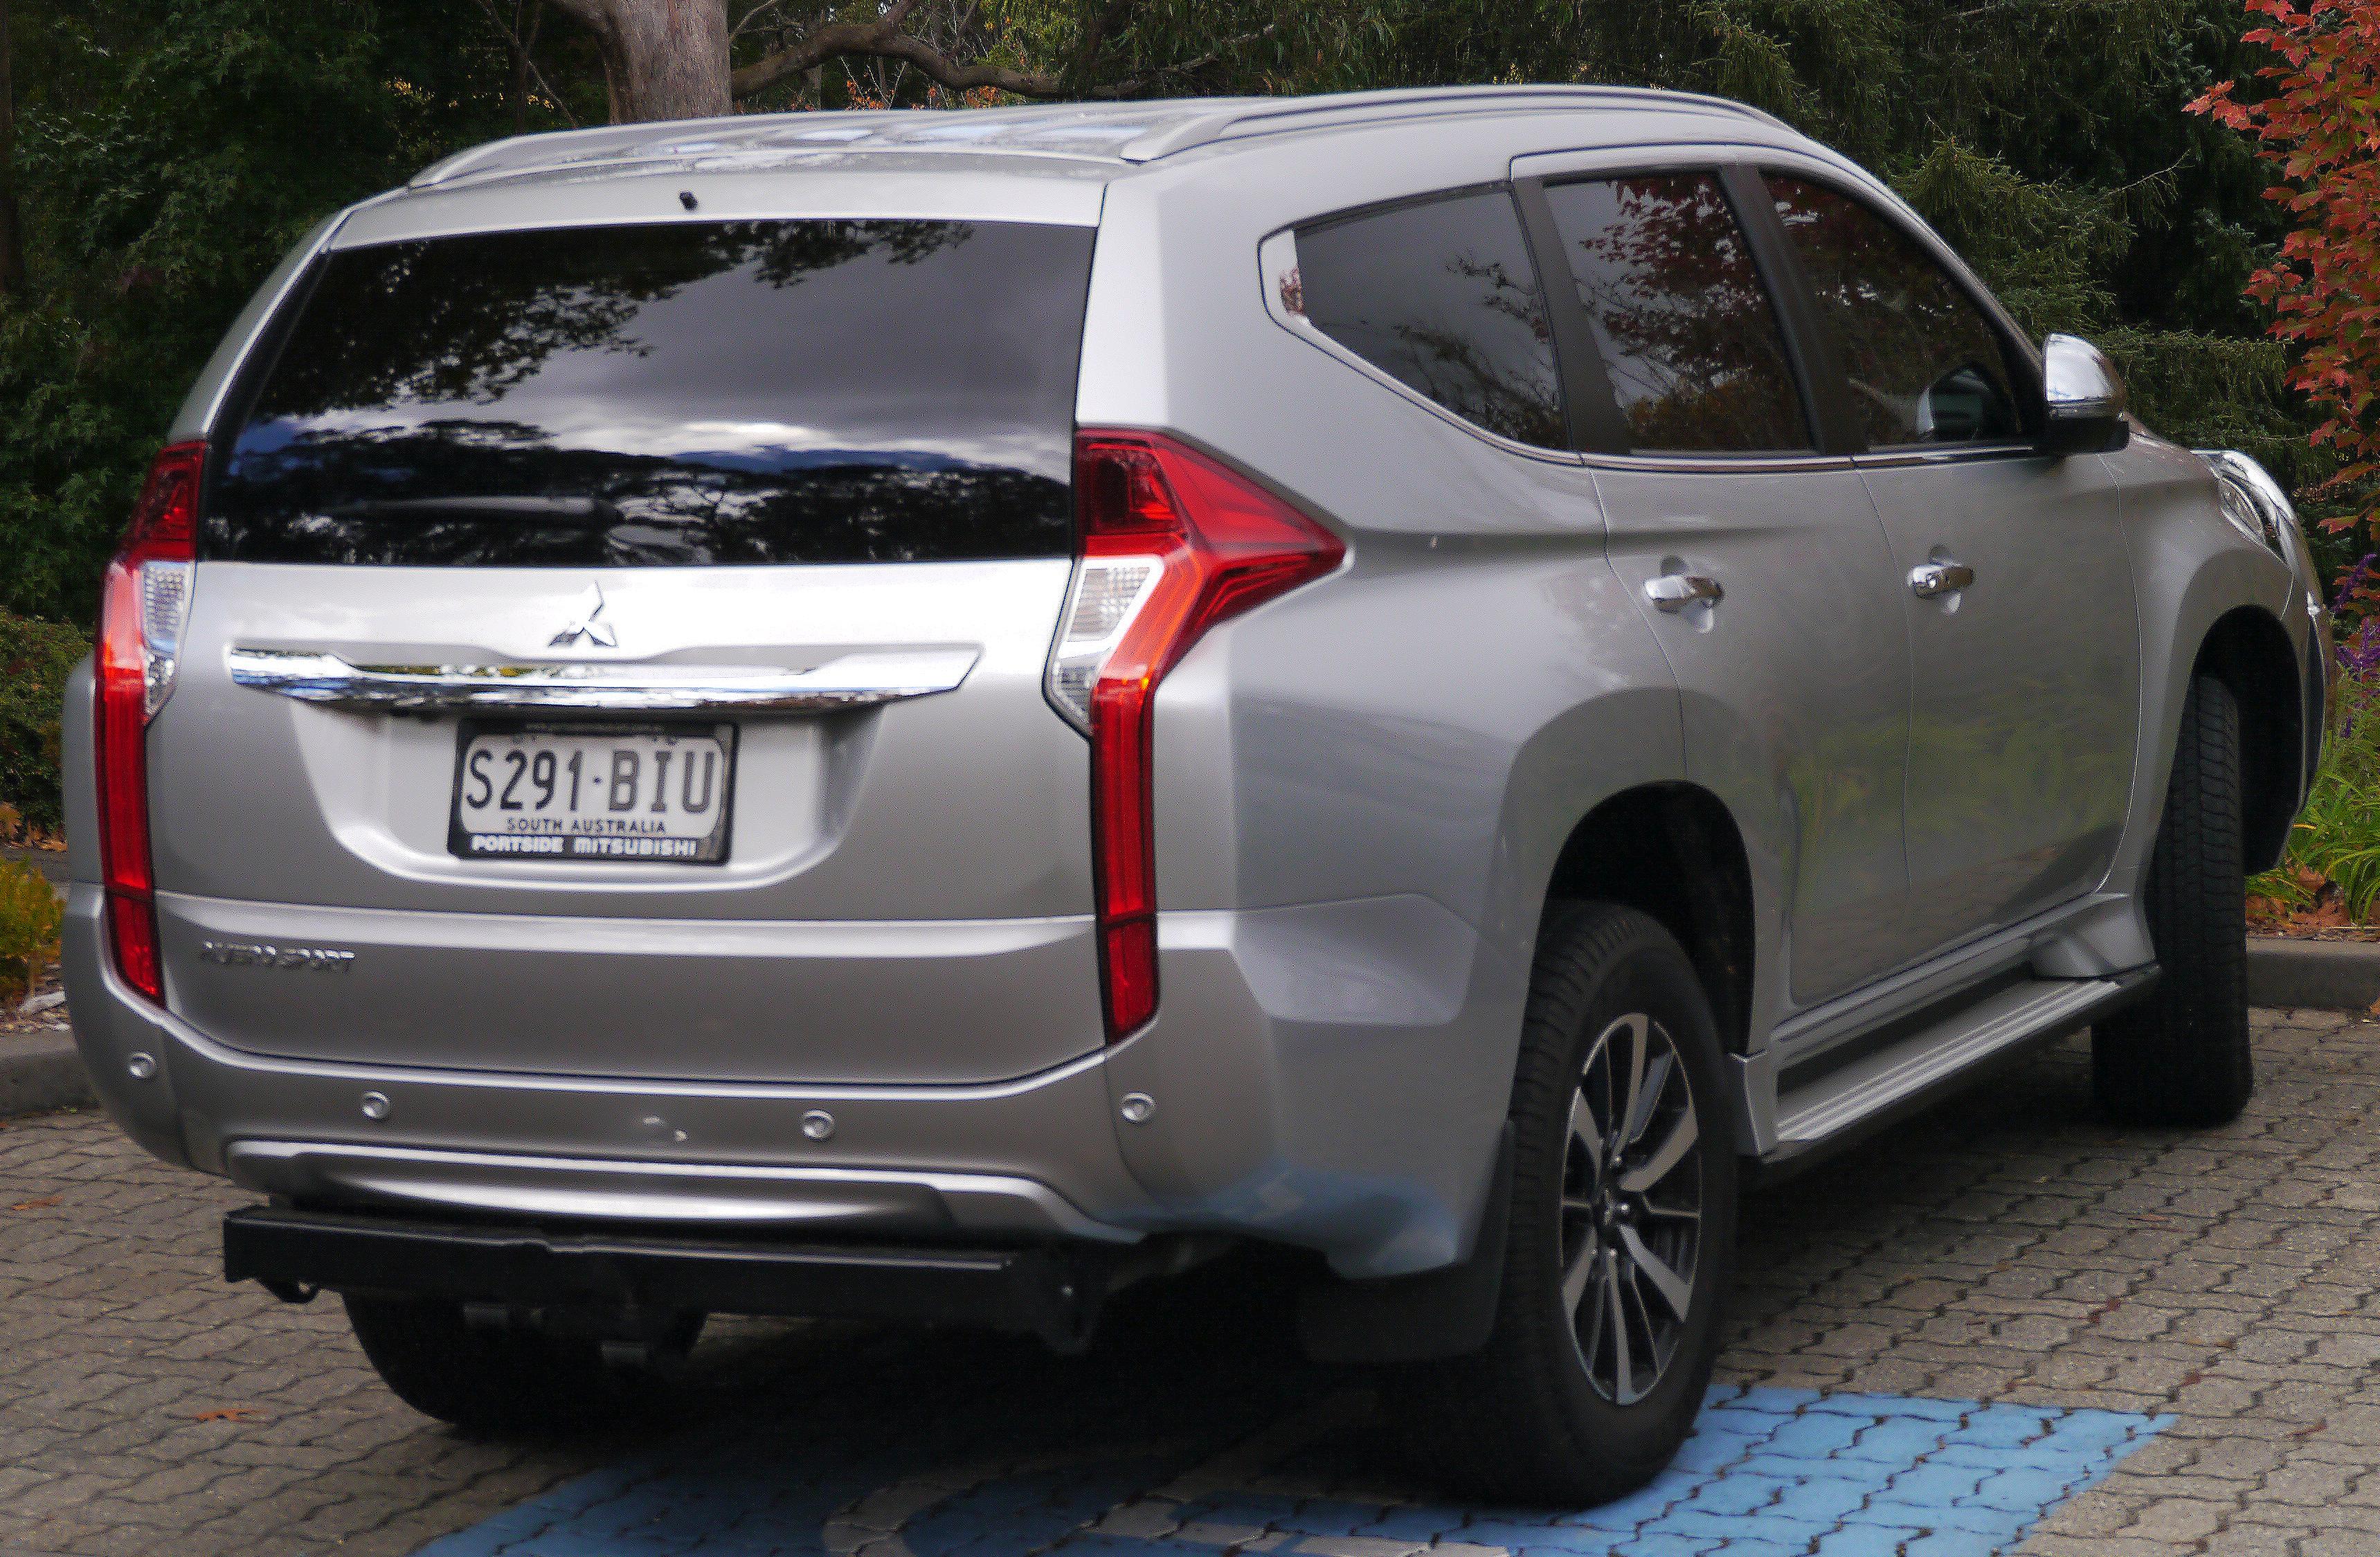 File 2016 Mitsubishi Pajero Sport QE GLS wagon 2016 04 10